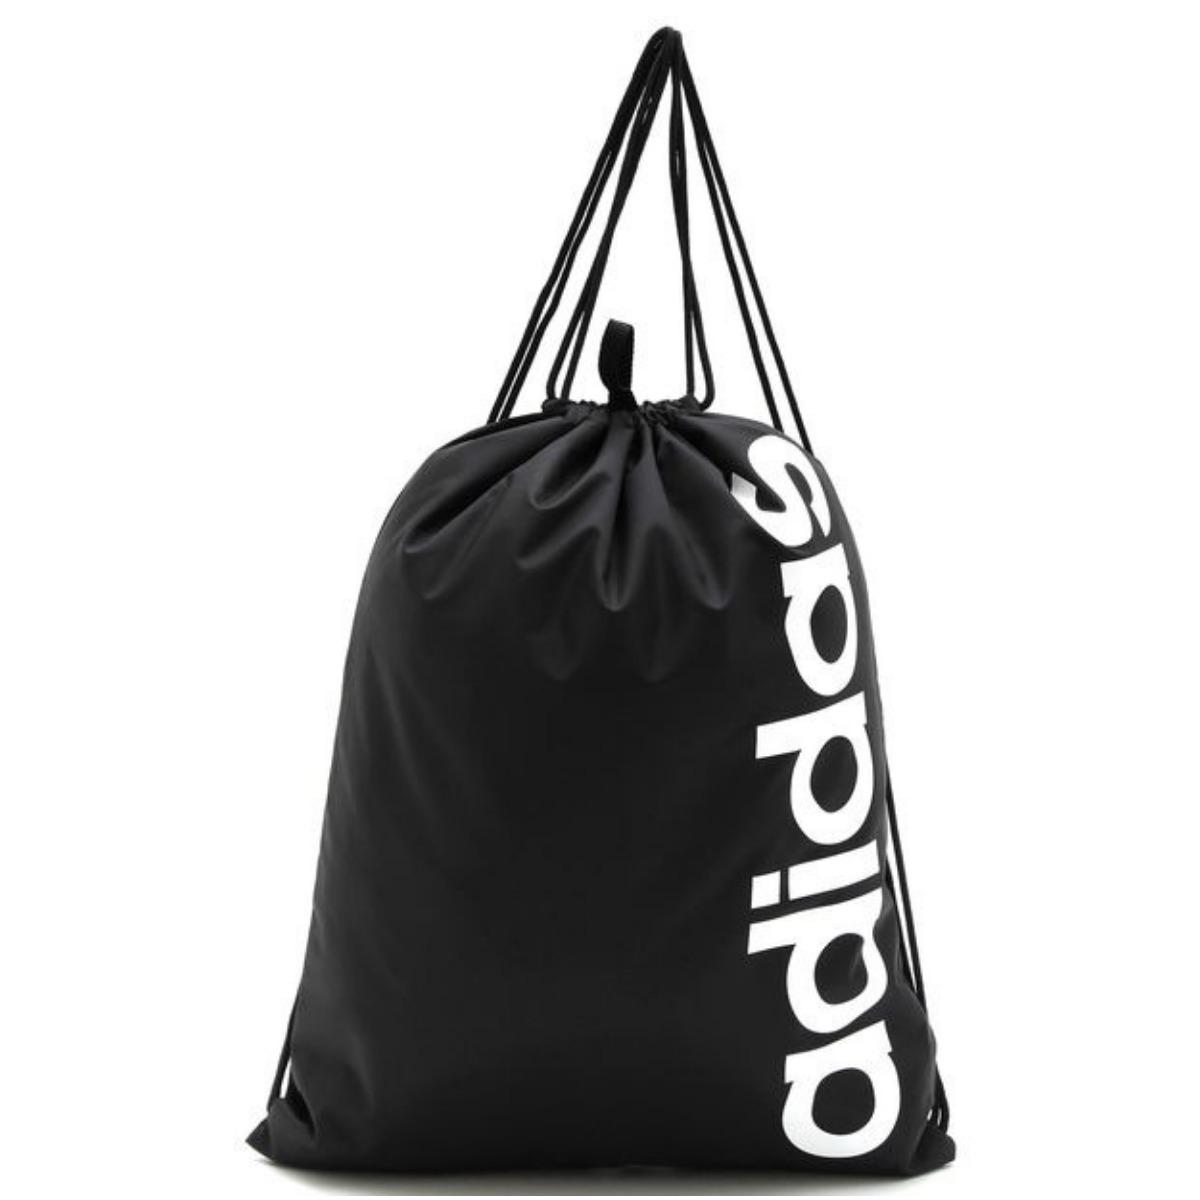 15fae7394 Bolsa adidas Gym Bag Linear Core - Preto - R$ 69,90 em Mercado Livre